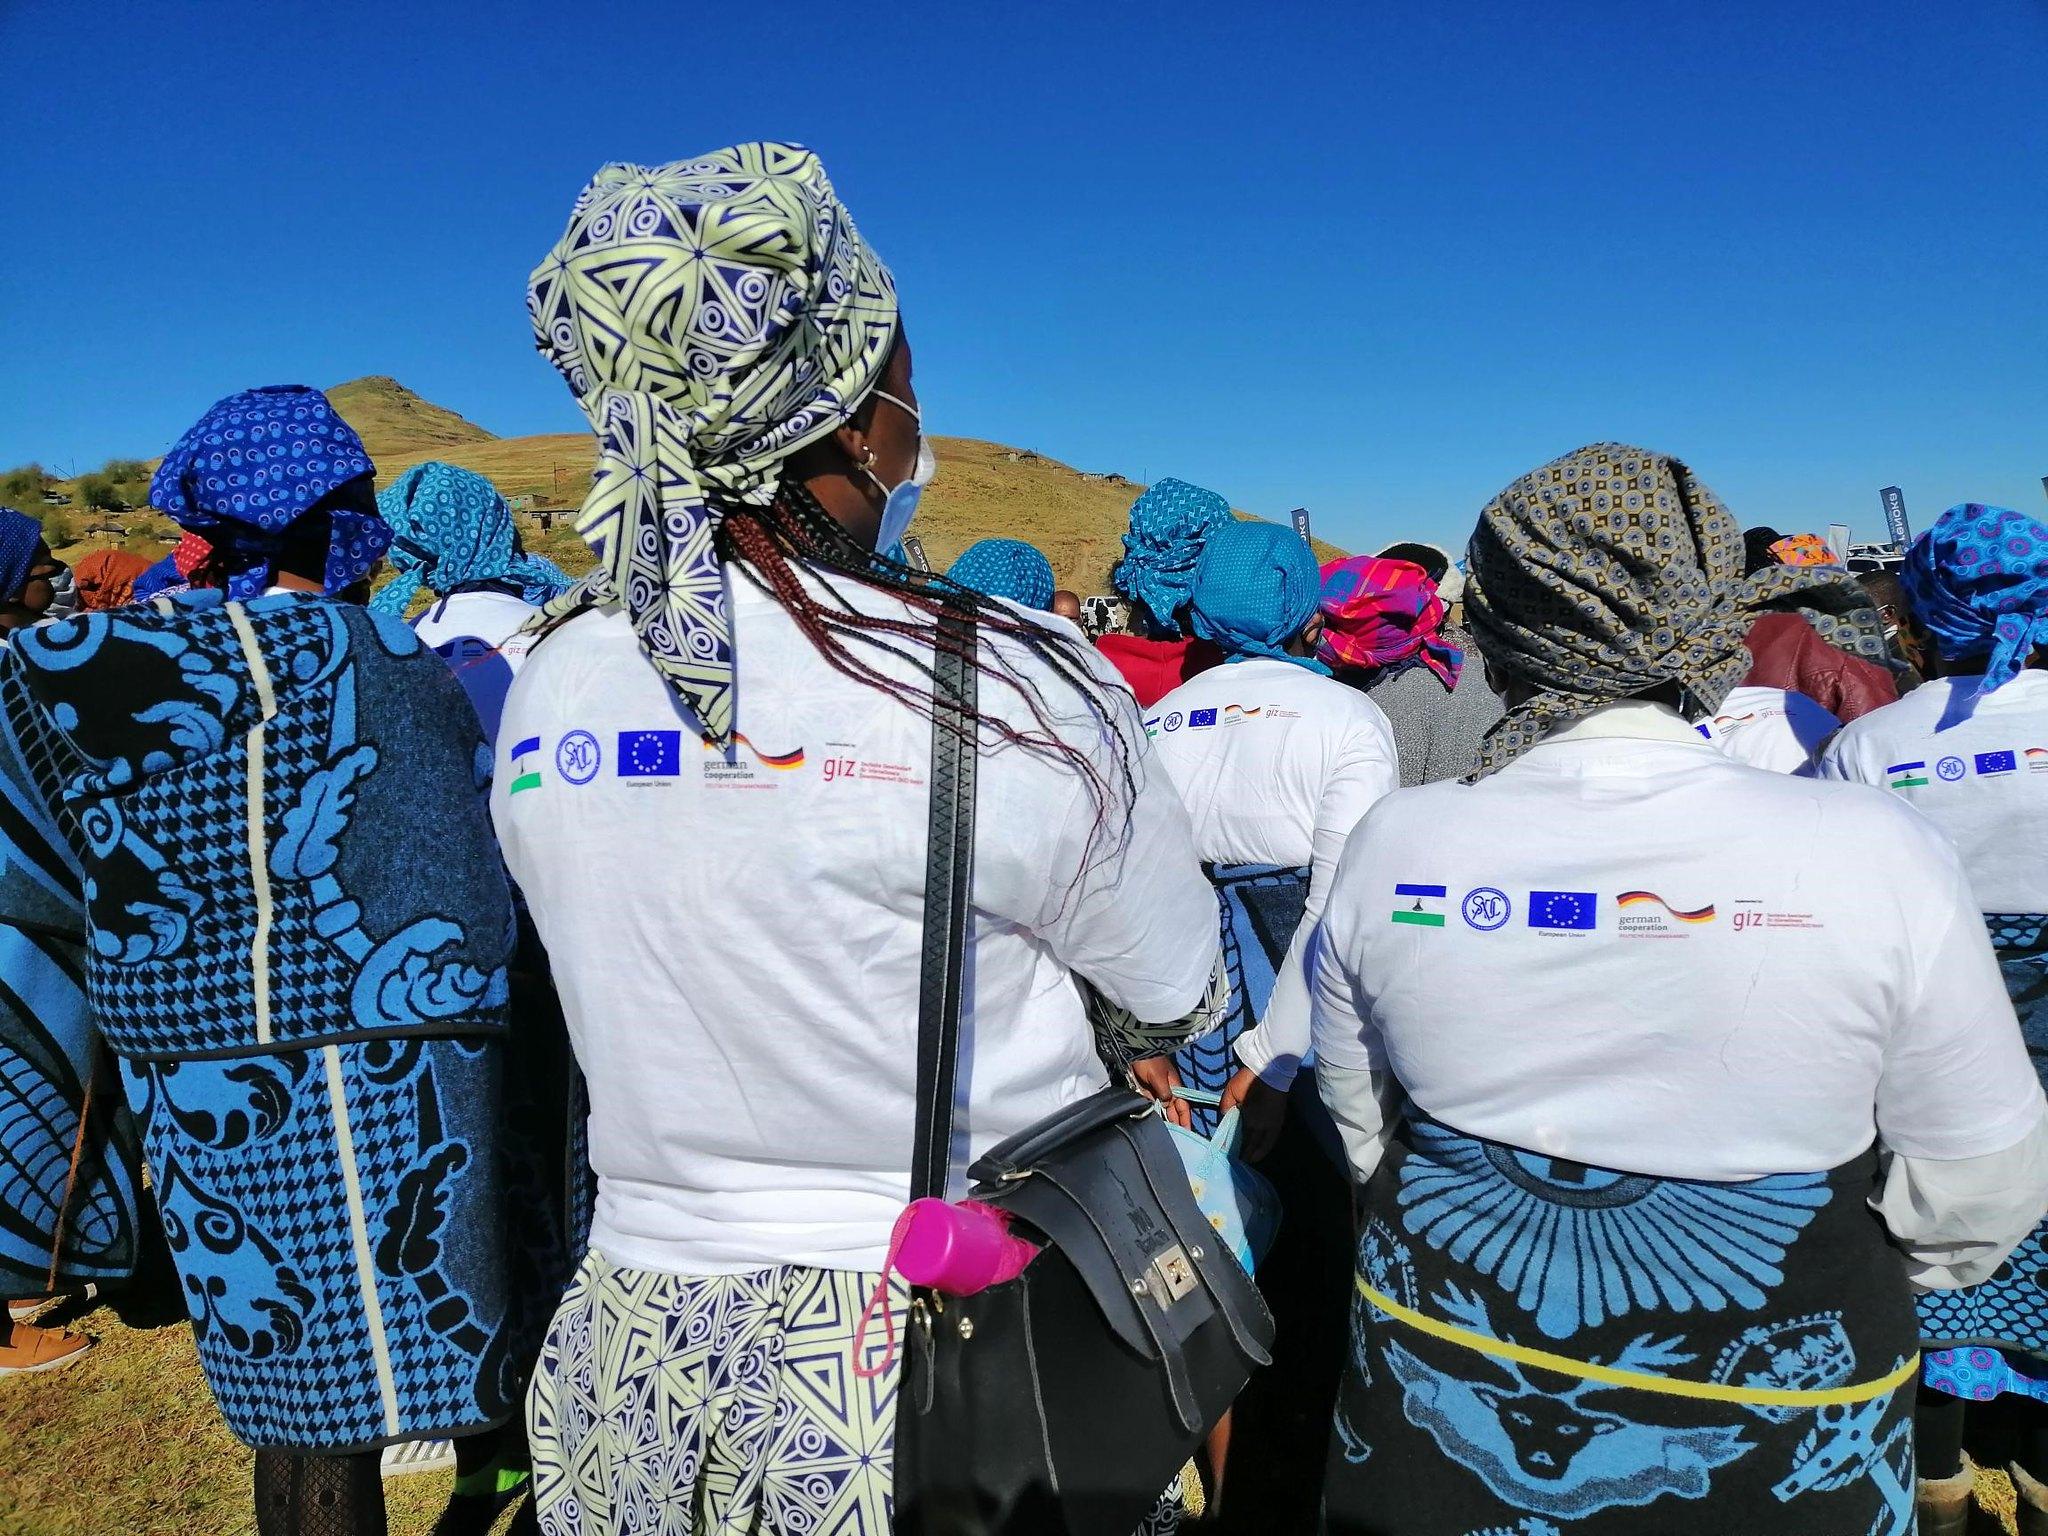 Women's group in attendance